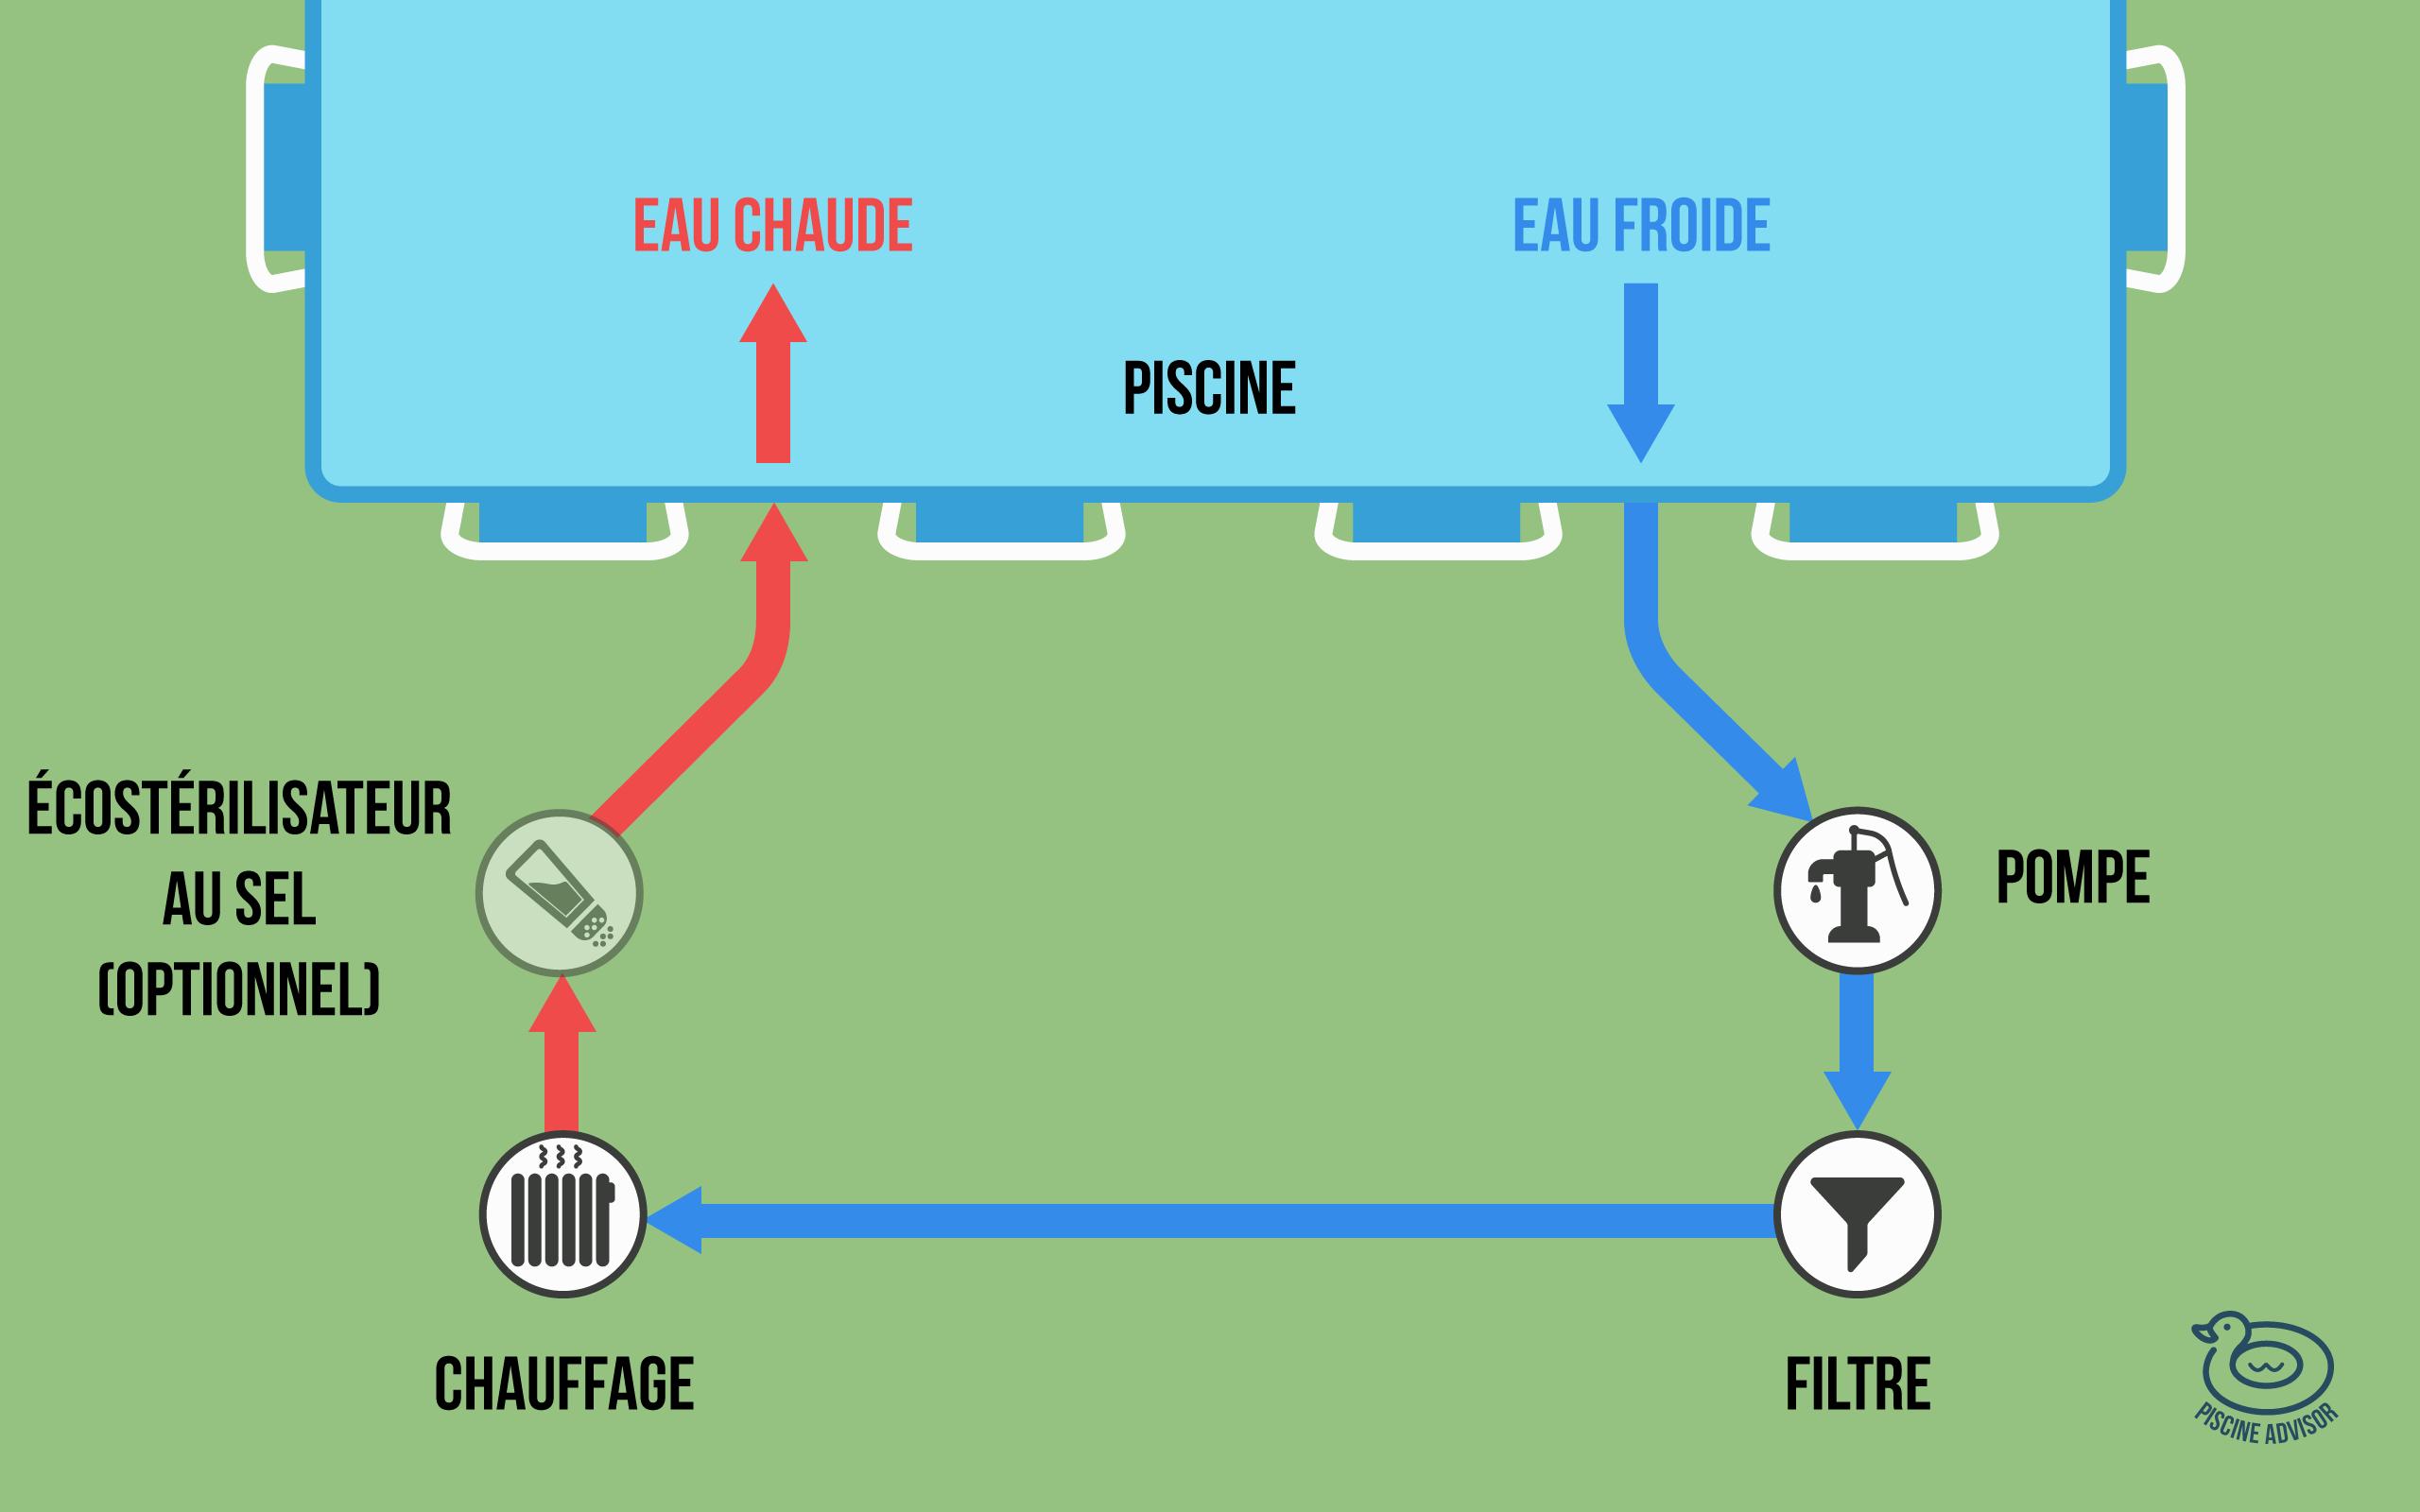 Chauffage Piscine Hors Sol : Toutes Les Solutions ... destiné Chauffer Une Piscine